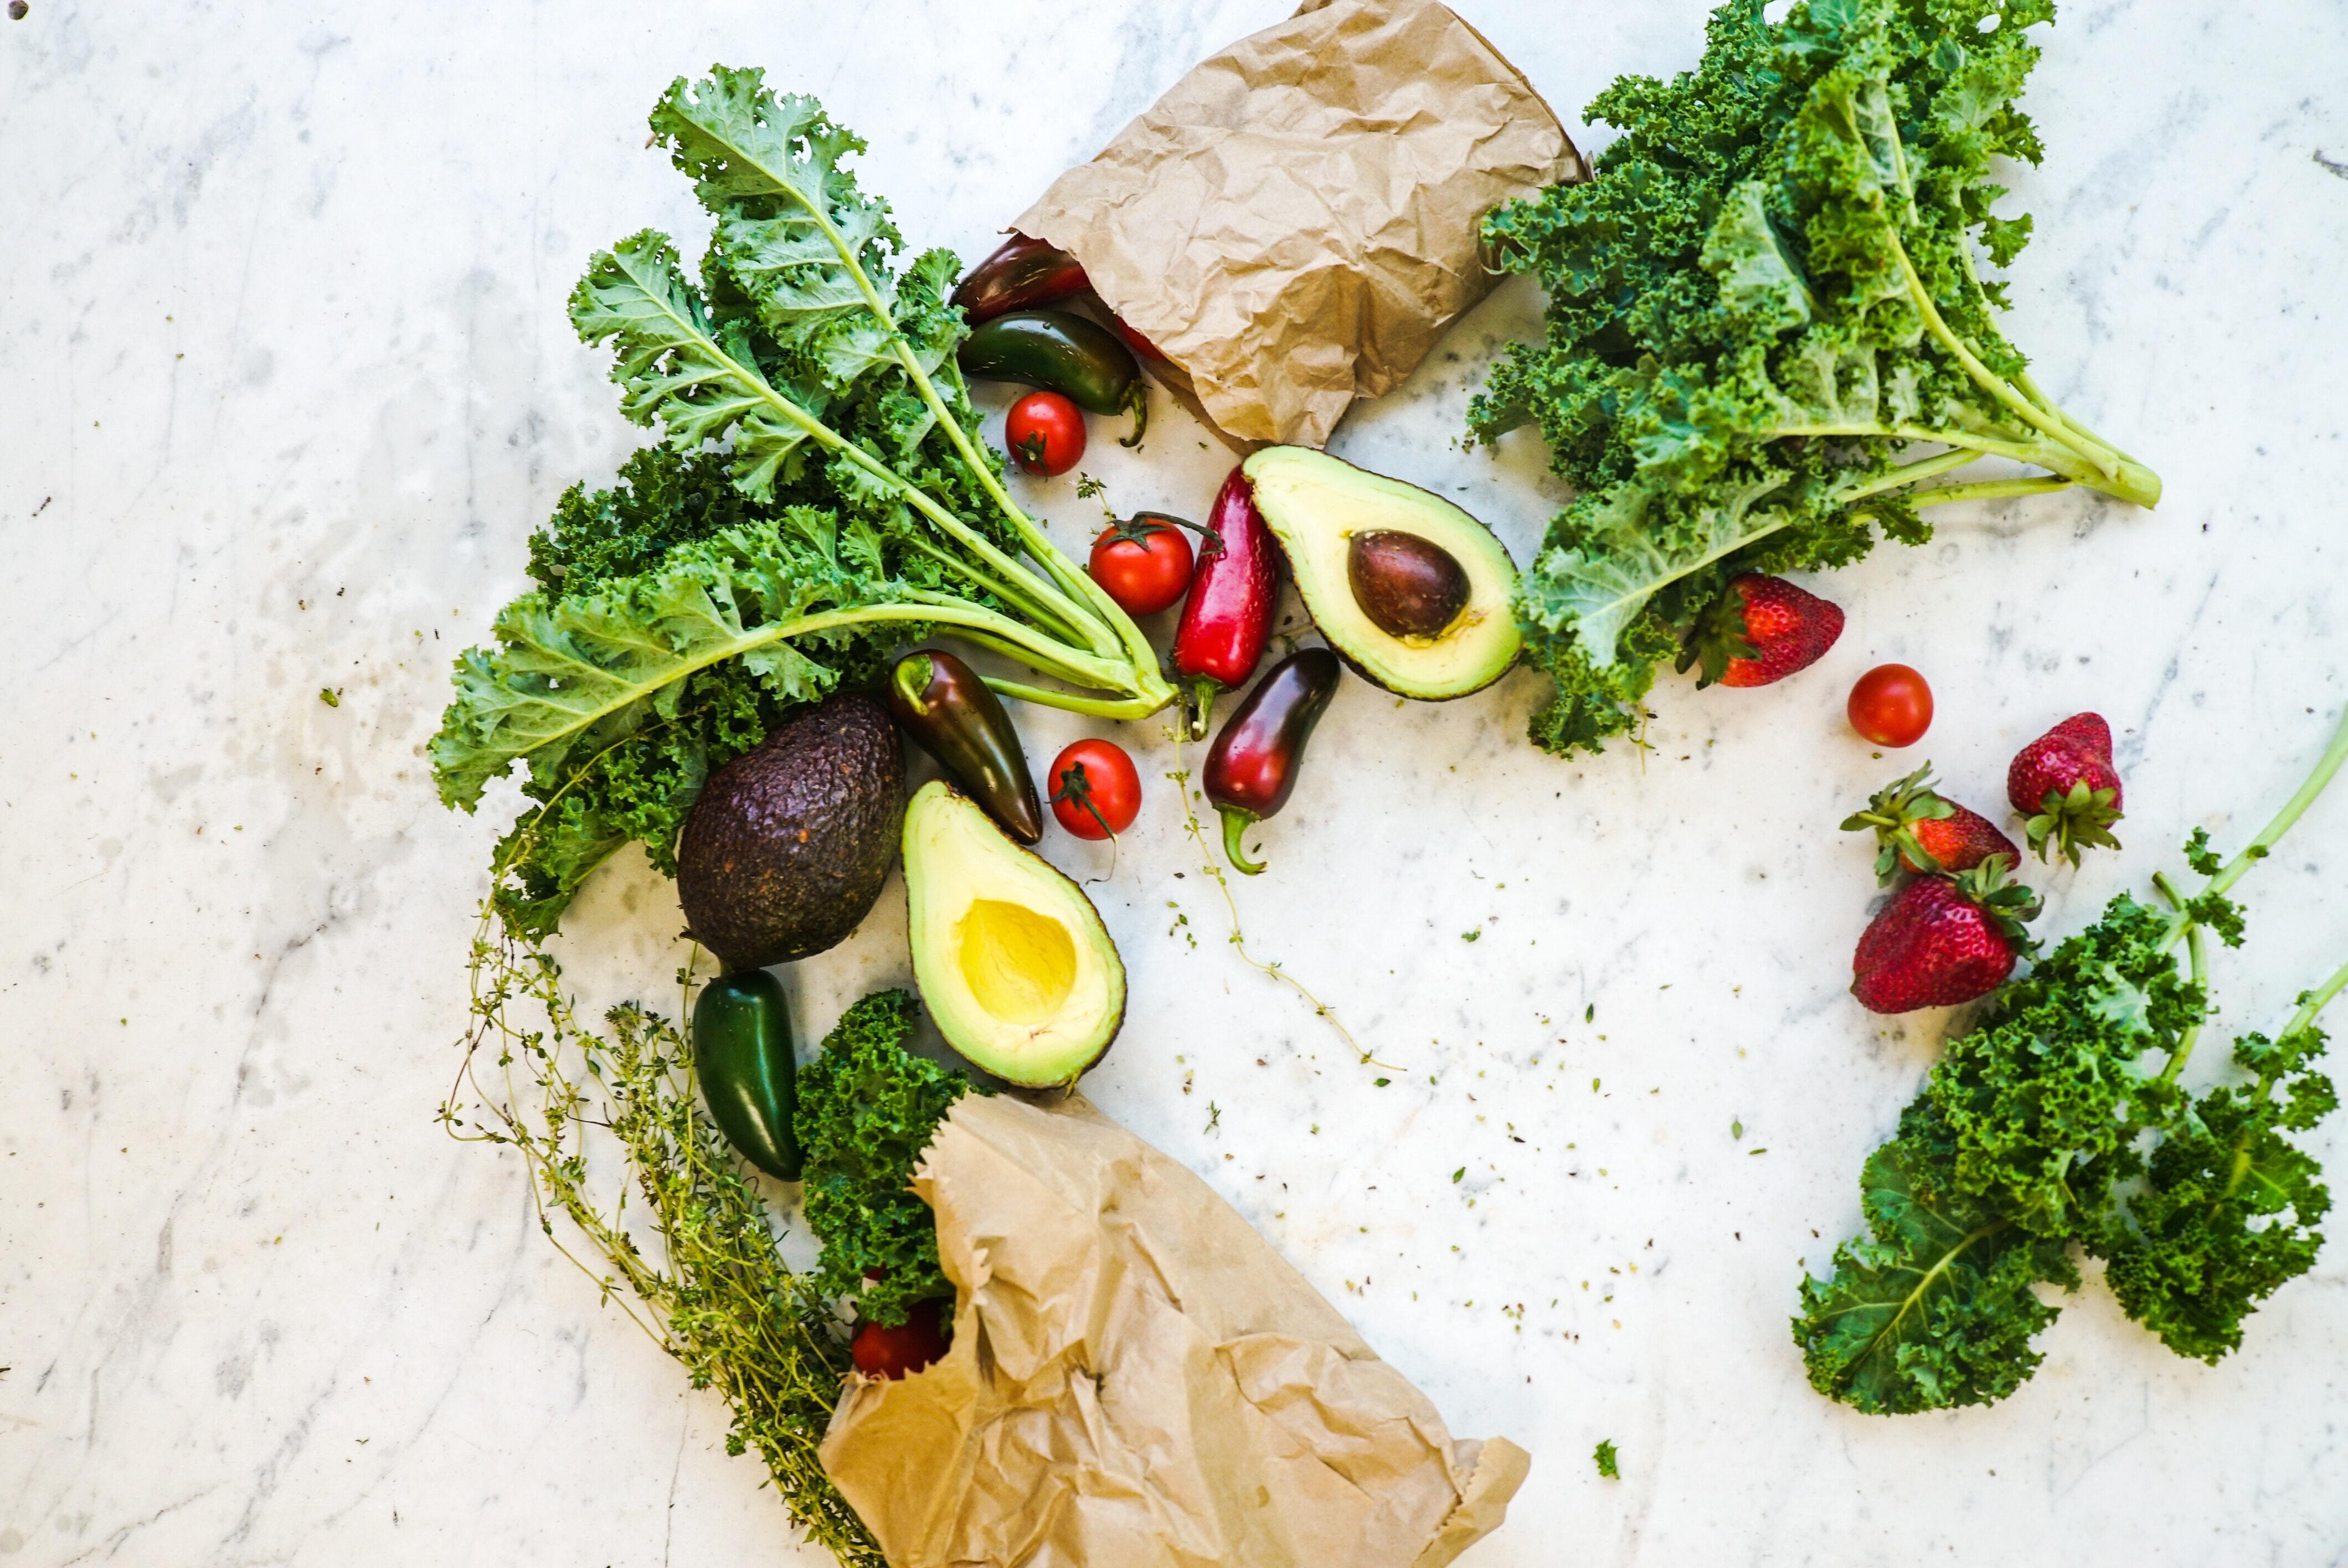 ¿Sabías que tu alimentación puede mejorar el medio ambiente?